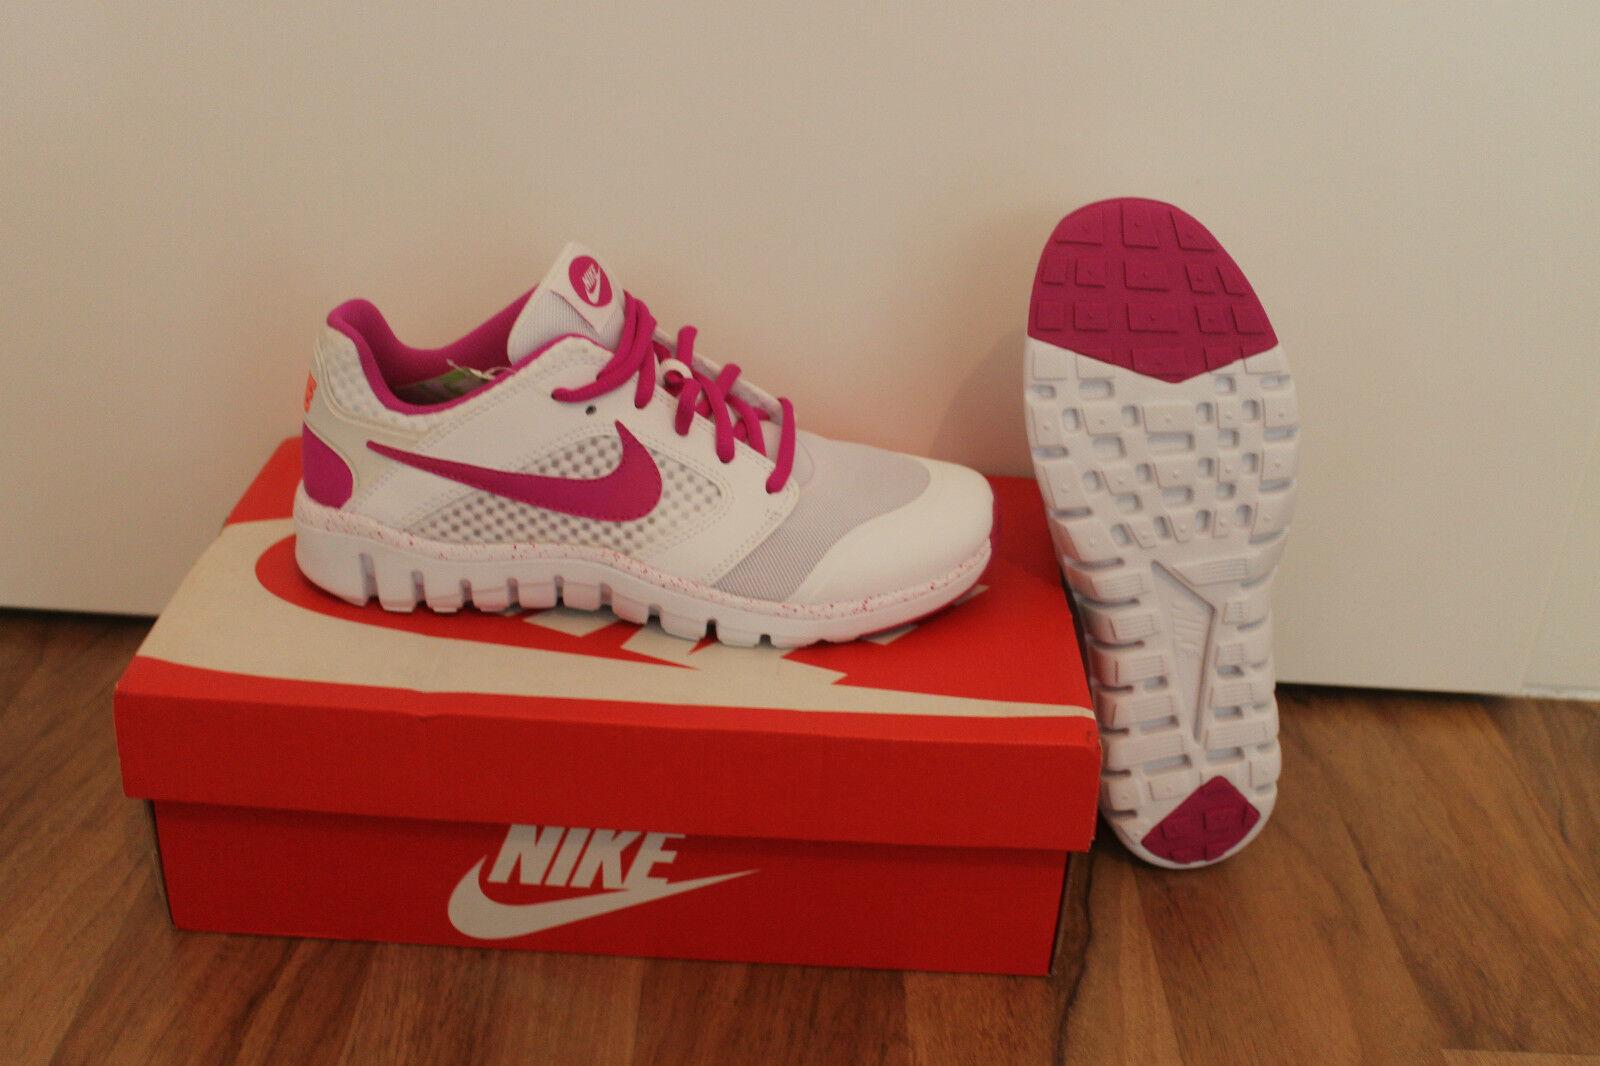 Nike Flex Supreme Zapatillas Zapatillas Zapatillas Deportivas de Mujer Zapato blancoo púrpura Talla 38,5;  venta